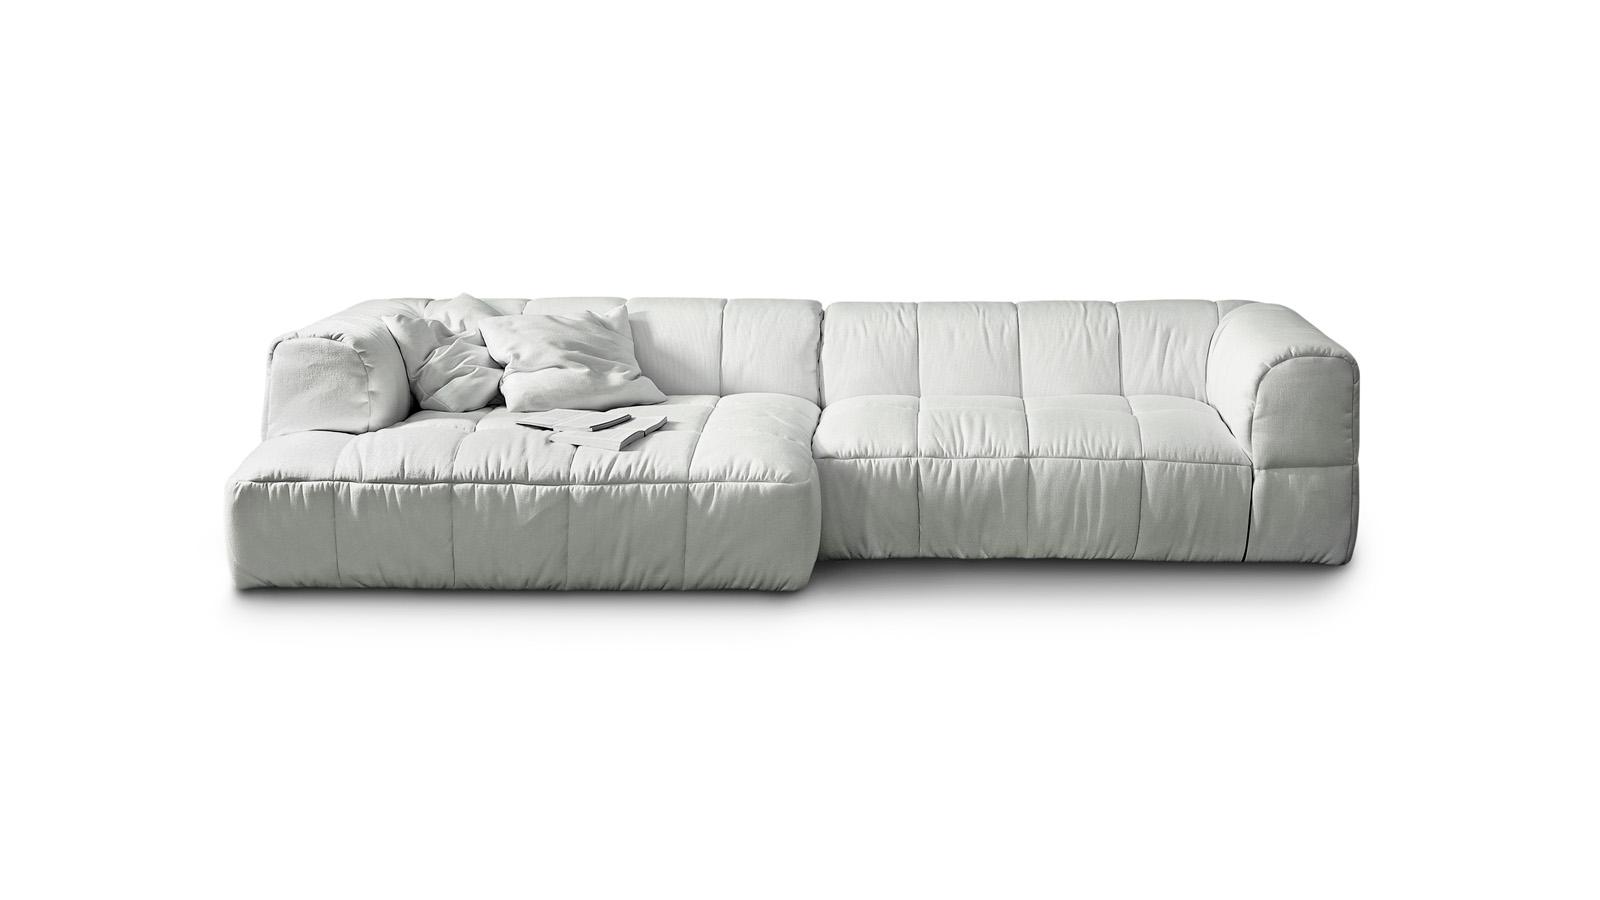 Il divano Strips di Cini Boeri